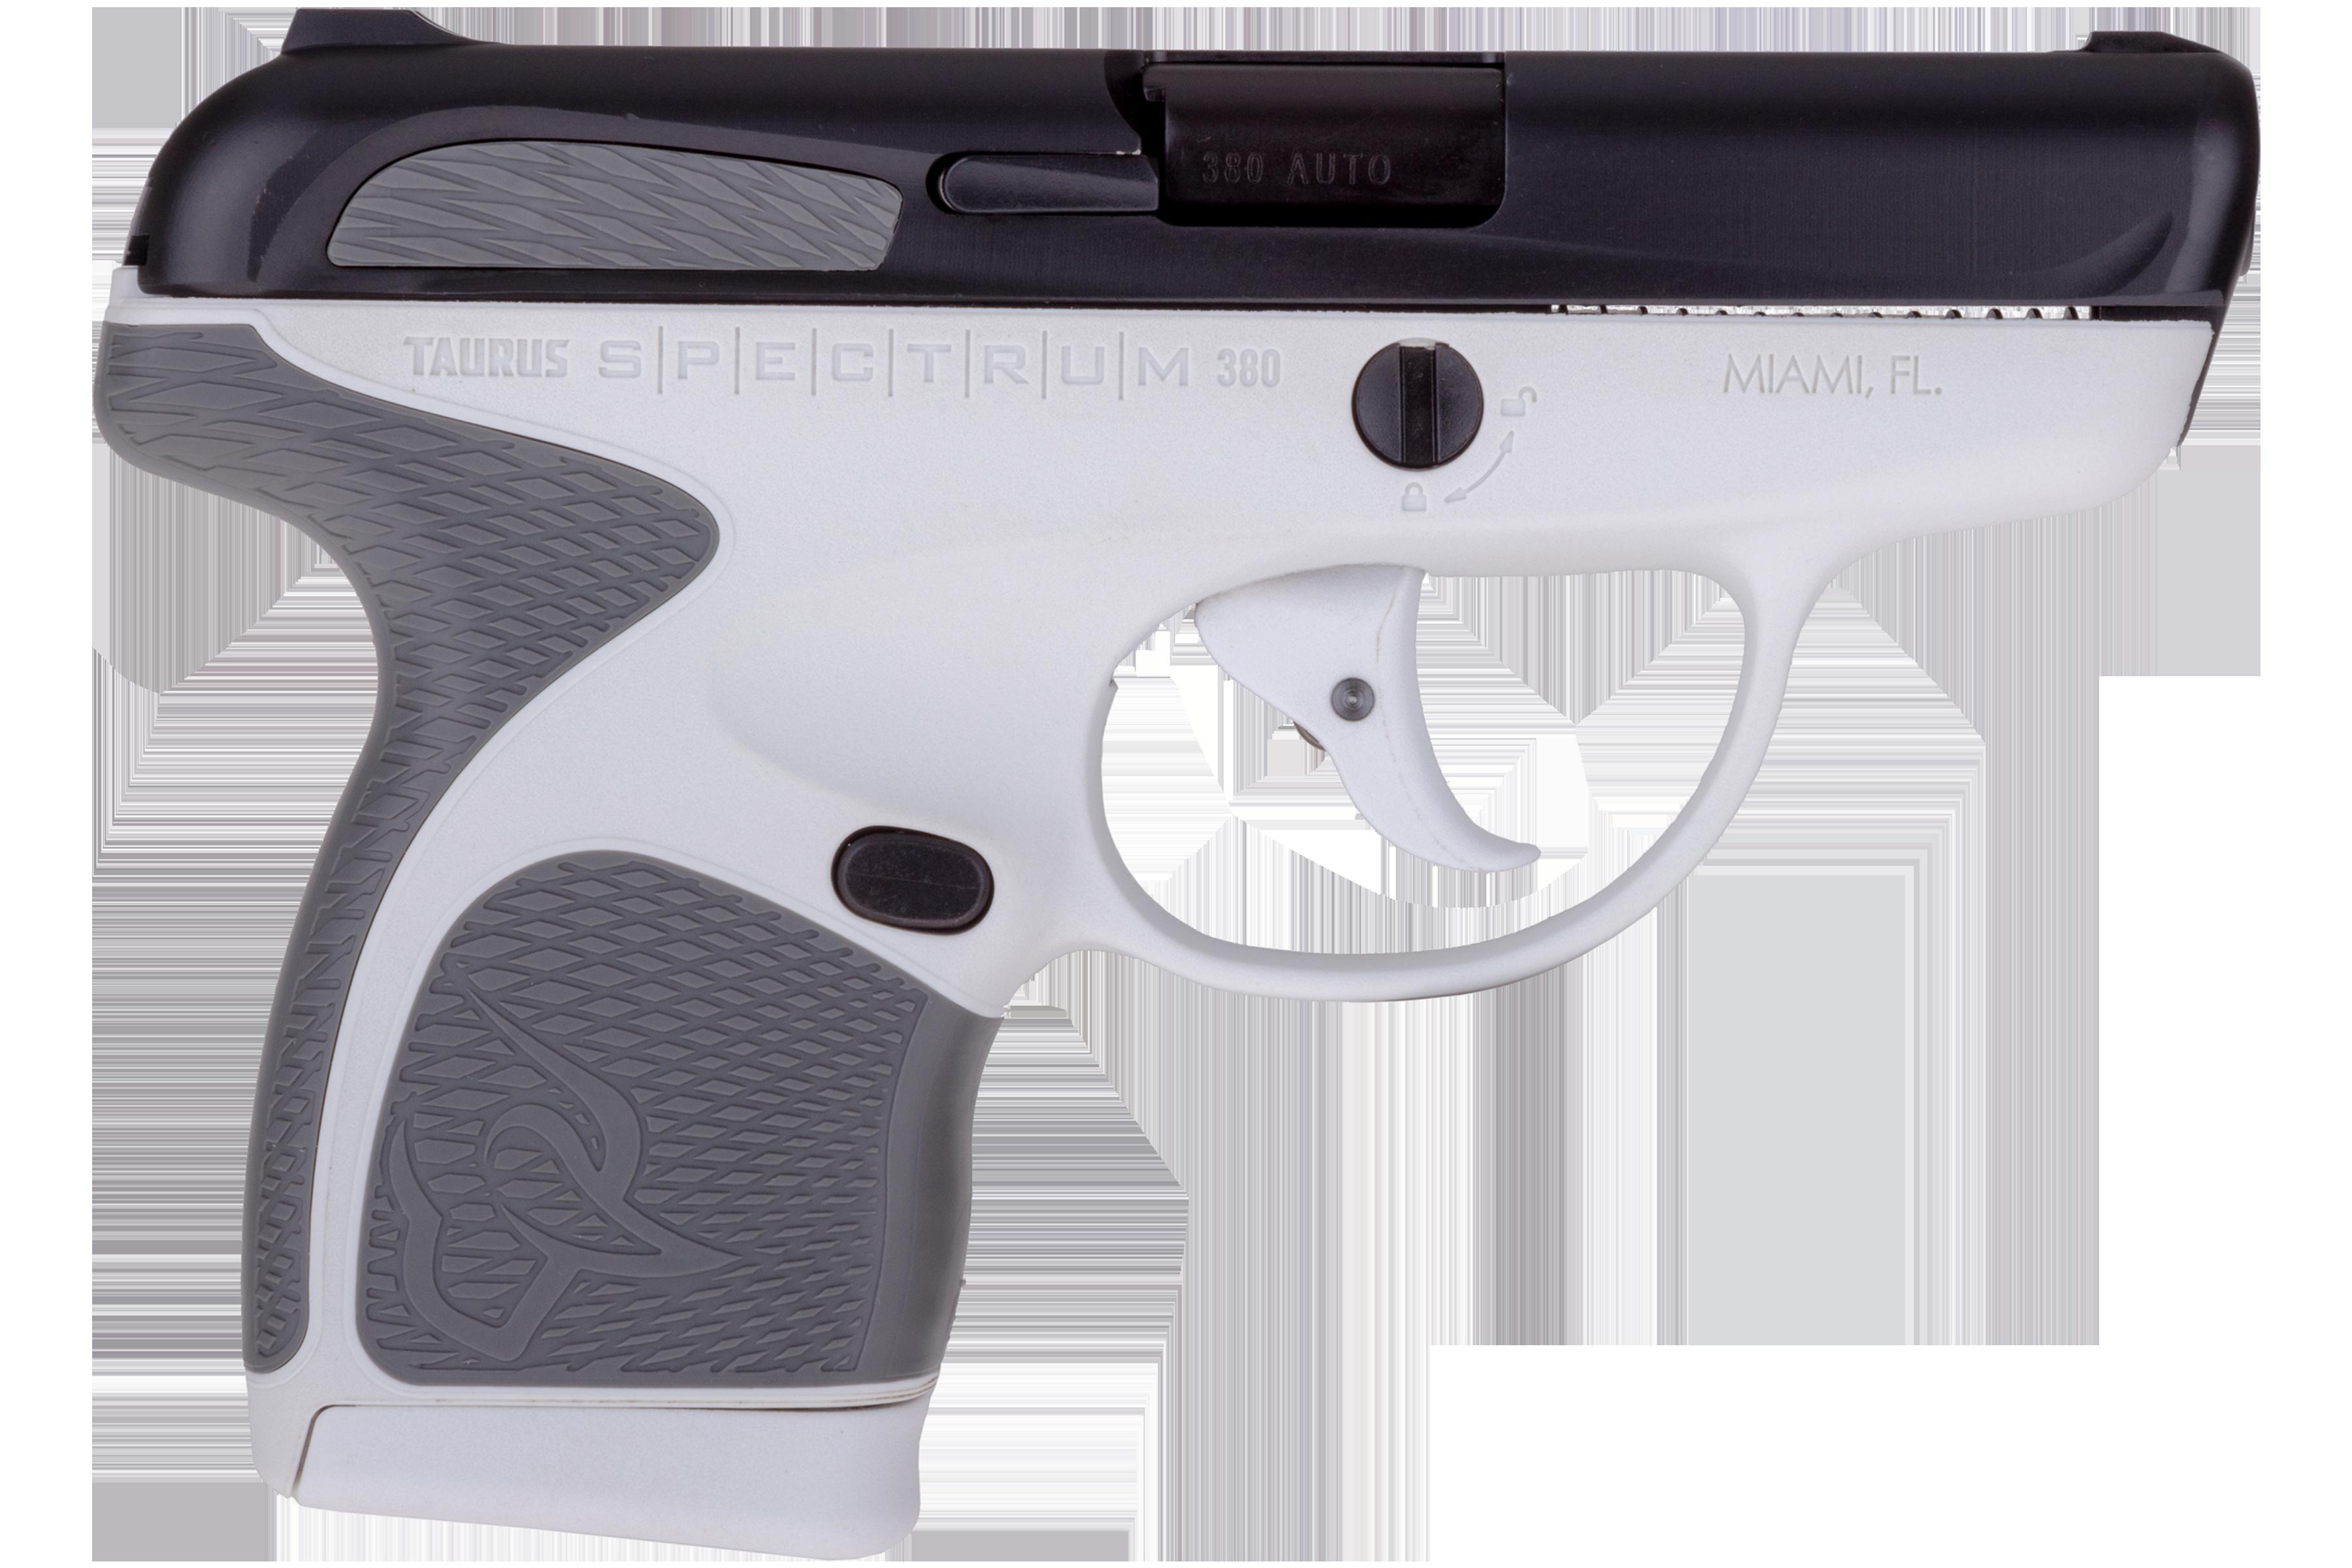 Taurus Spectrum  380ACP White/Bl/Gray LAYAWAY $20 - Semi